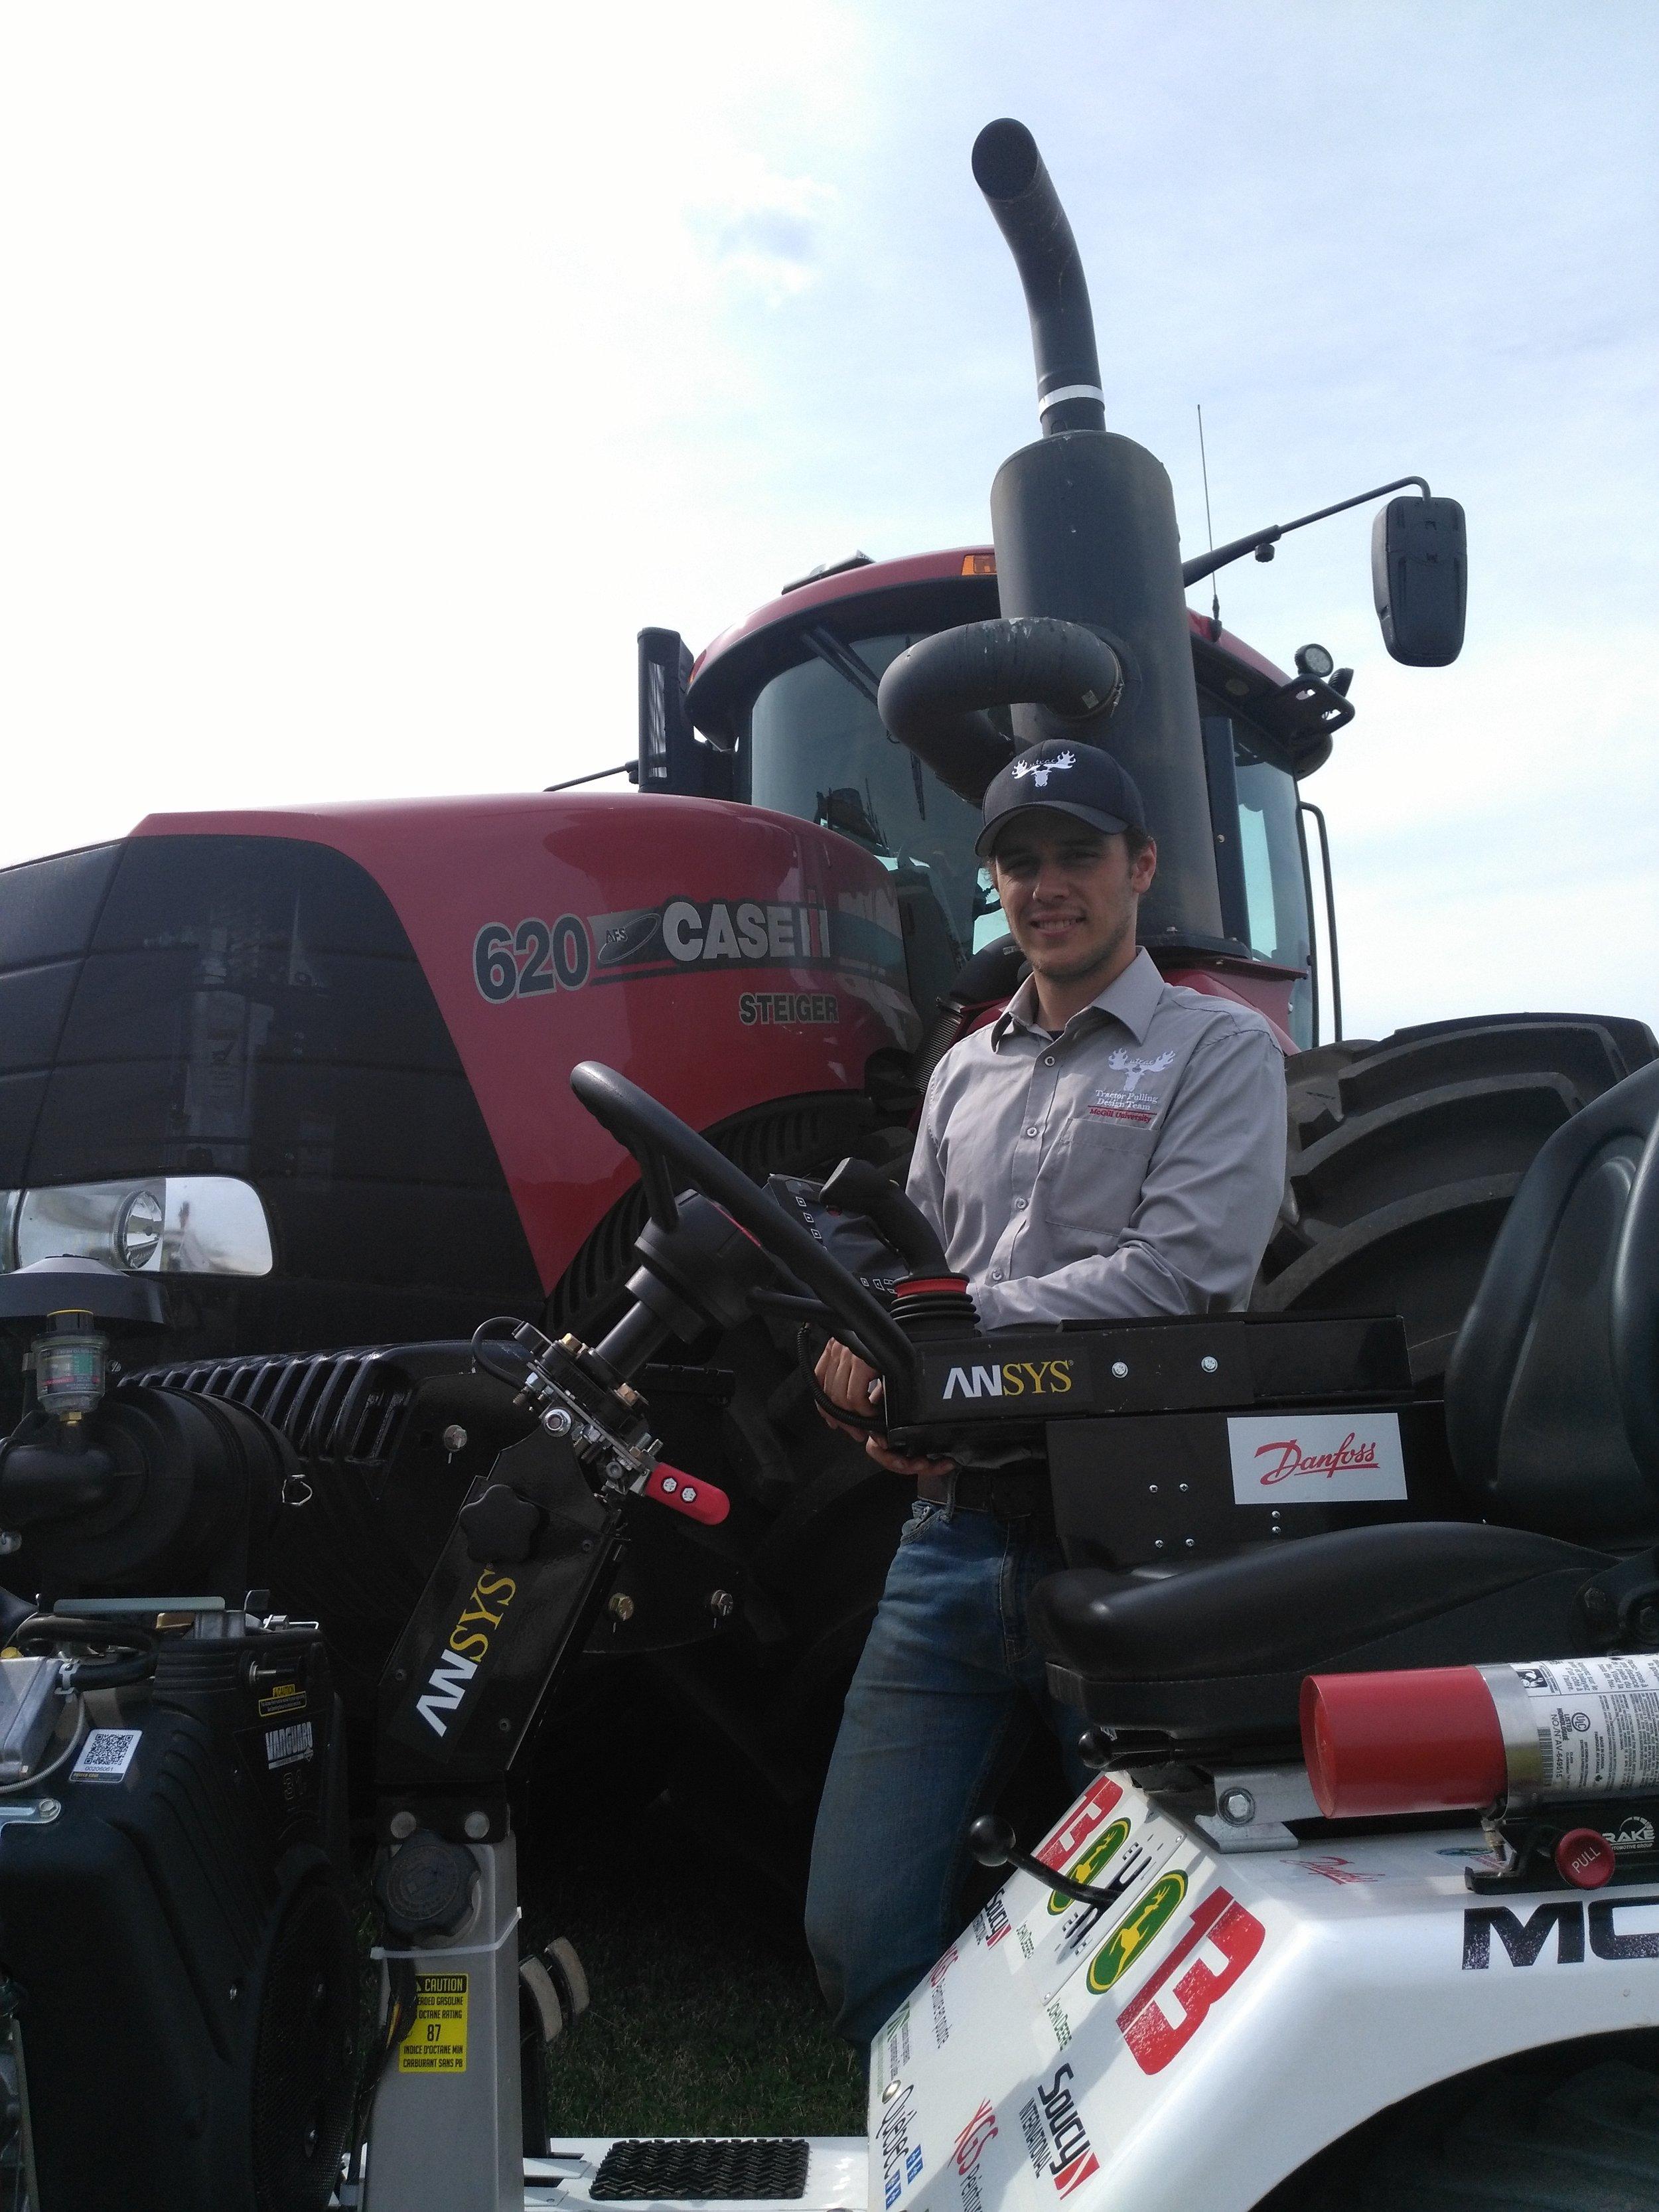 Connor Miller   Je suis un étudiant en génie des bioressources de U4 et je fais partie de l'équipe des tracteurs depuis environ 4 ans. En tant que capitaine de l'année dernière, mes responsabilités cette année sont d'aider les membres plus jeunes de l'équipe à concevoir et de donner des tutoriels de programmation. Mutrac est l'endroit où j'ai appris la plupart de mes compétences en conception et j'ai eu l'occasion d'appliquer des choses que j'avais apprises en classe à une situation réelle.